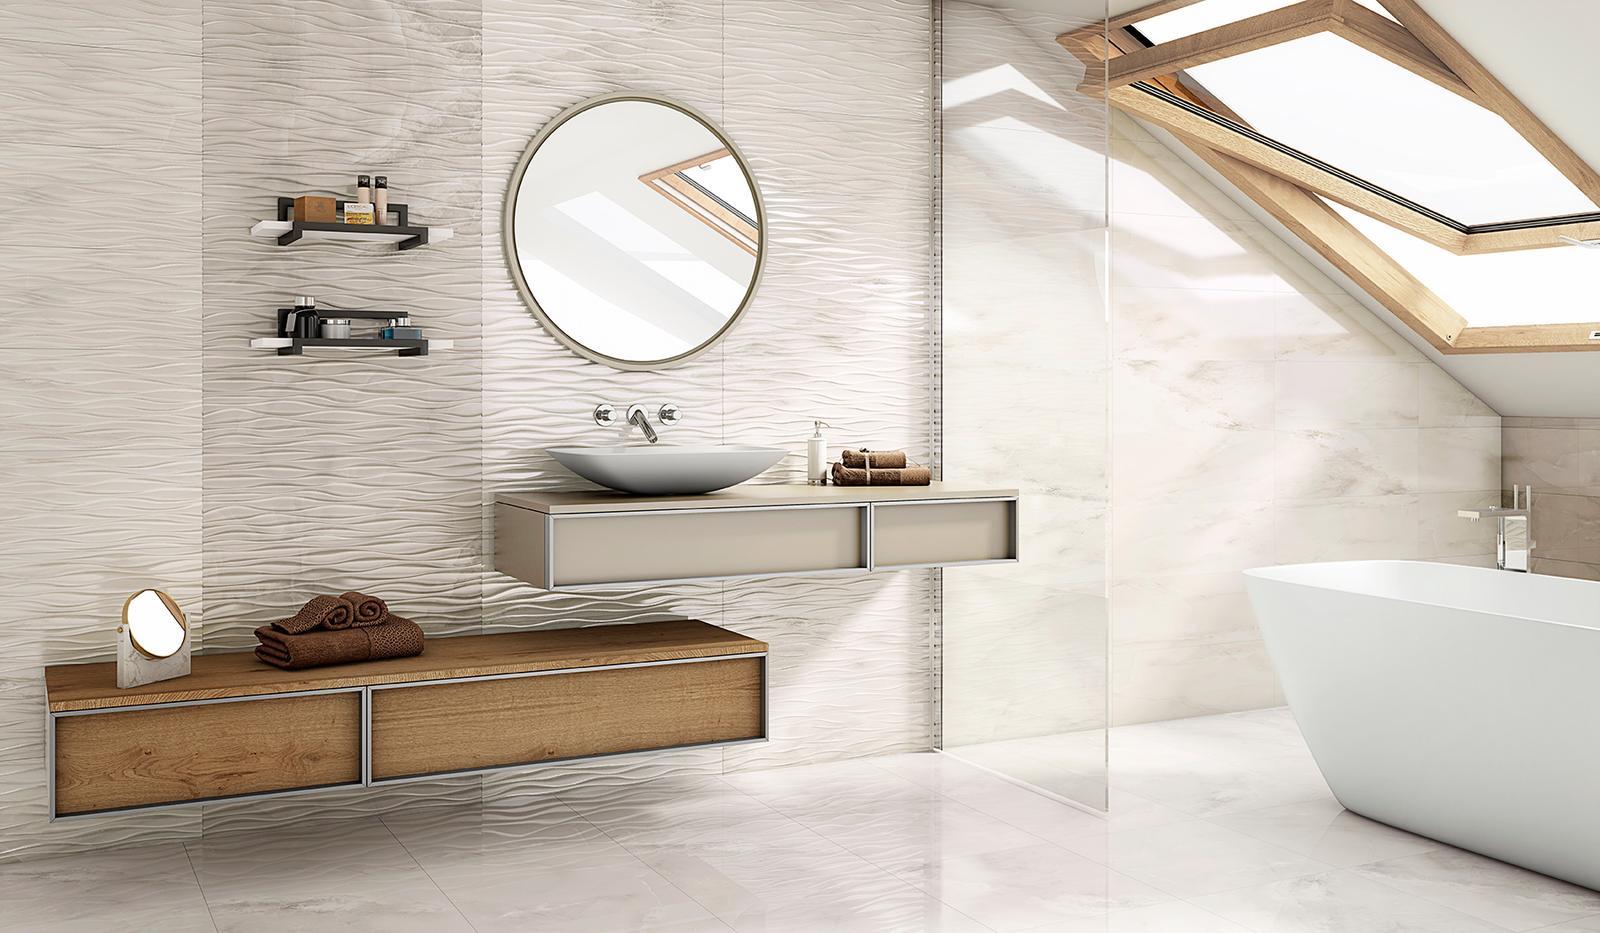 Luxusné kúpelne zo Španielska - luxusná lesklá kúpeľňa Olimpia Sand Ondas 25x73